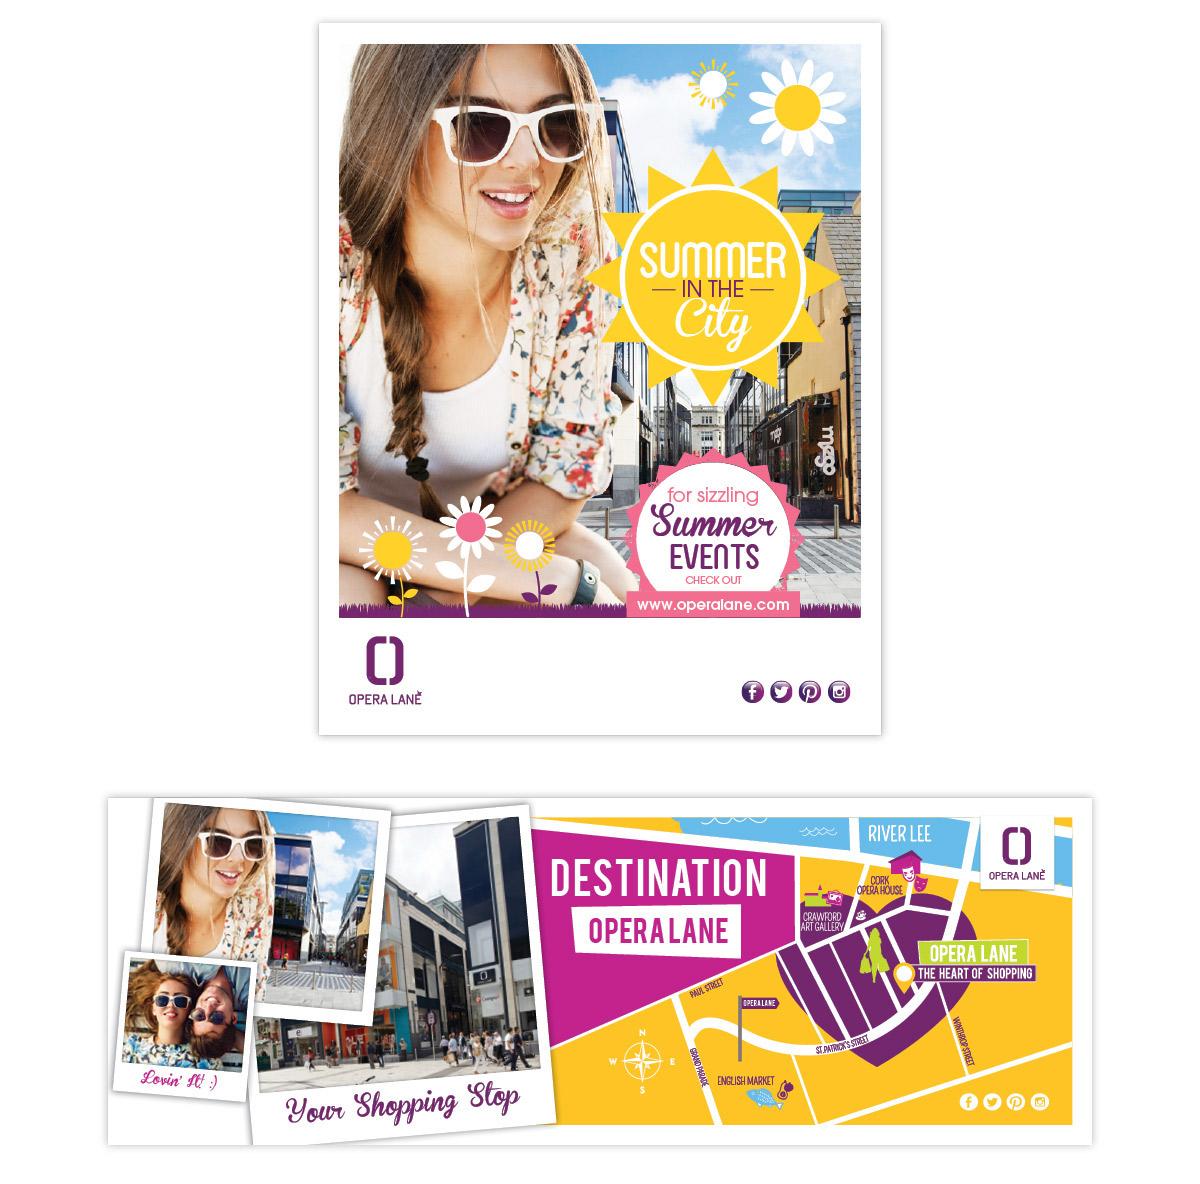 OL_Campaign_Summer14.jpg